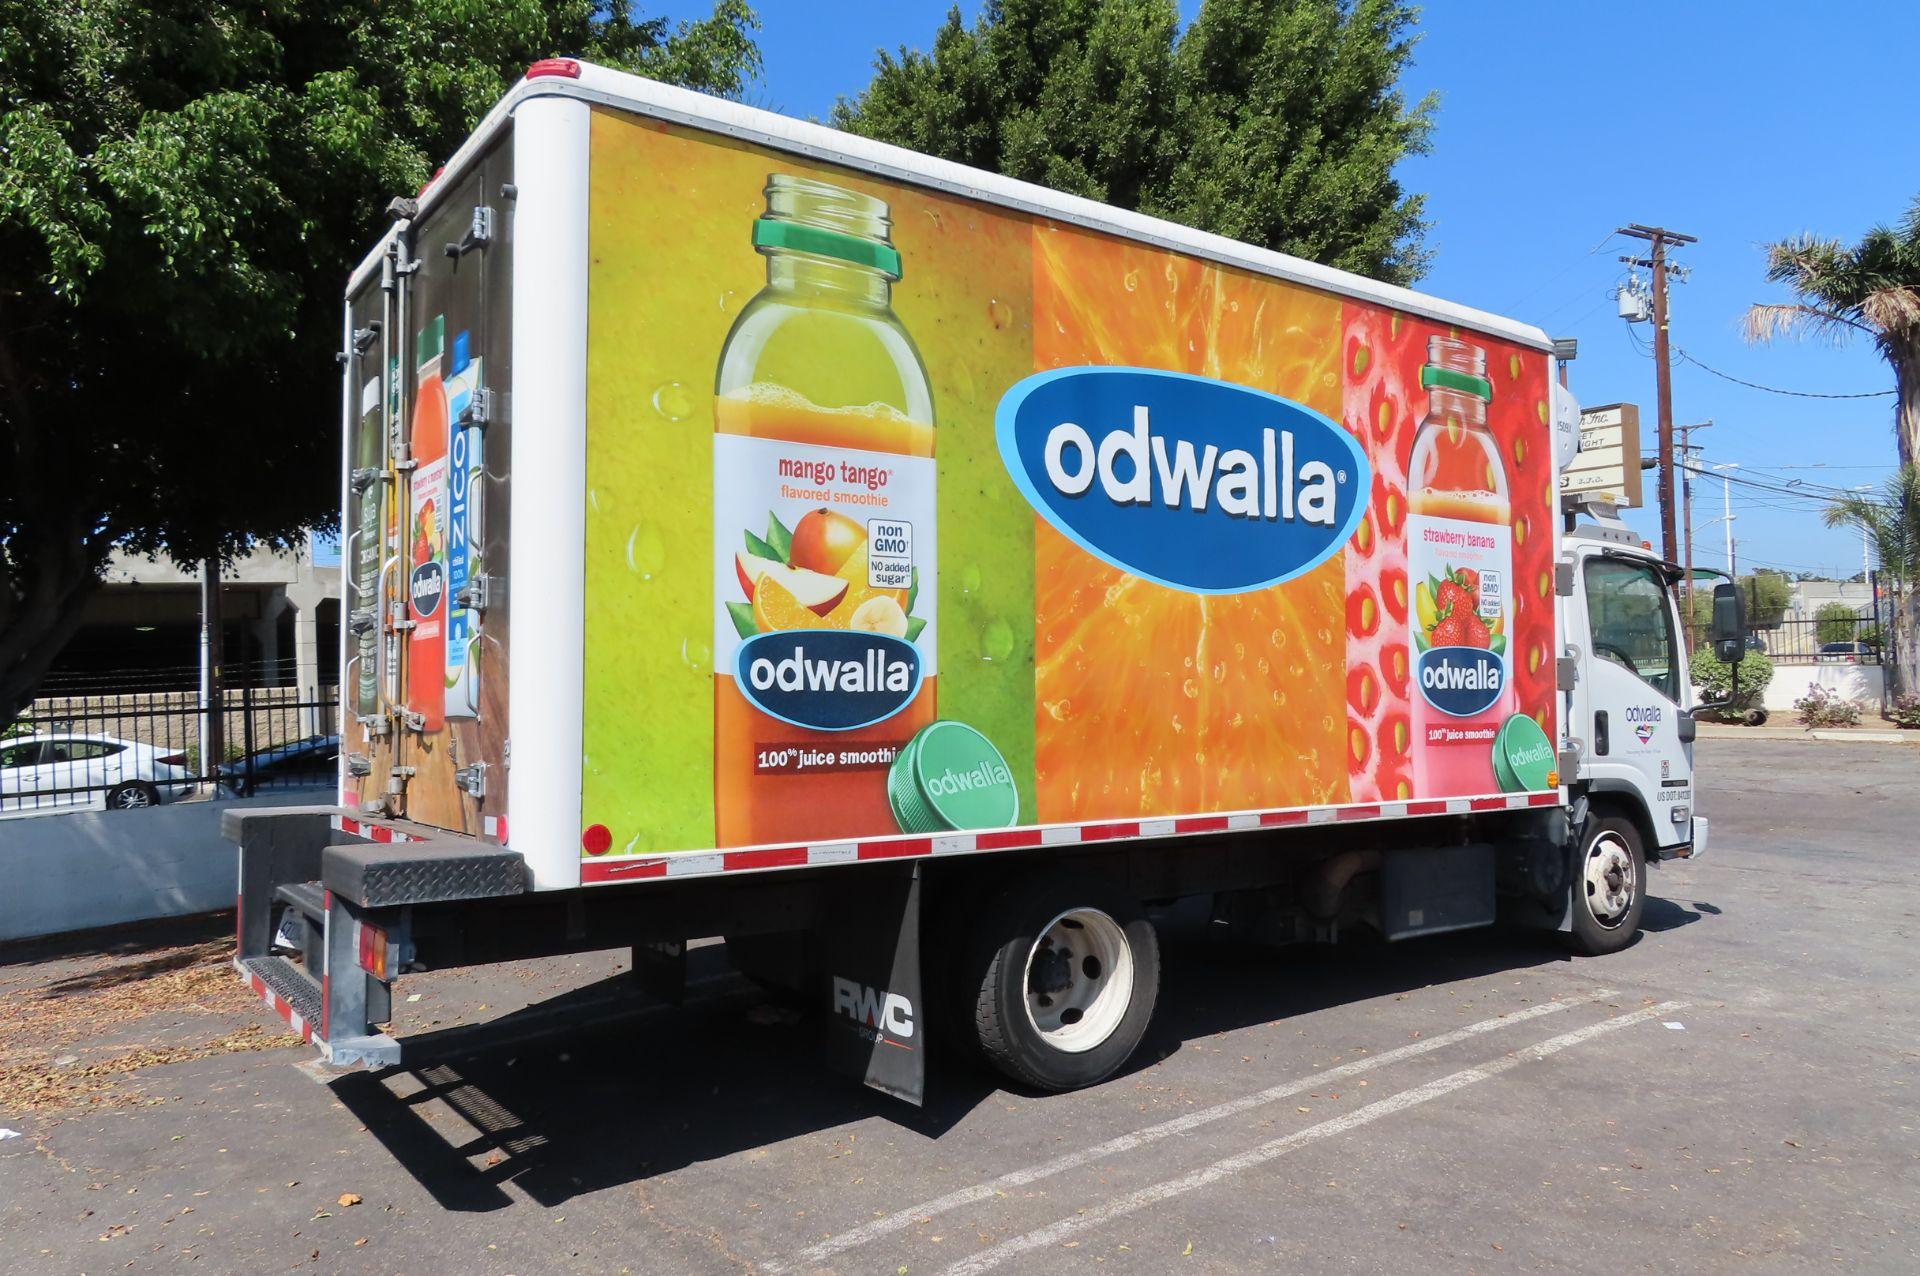 2012 Isuzu refrigerated truck - Image 4 of 10